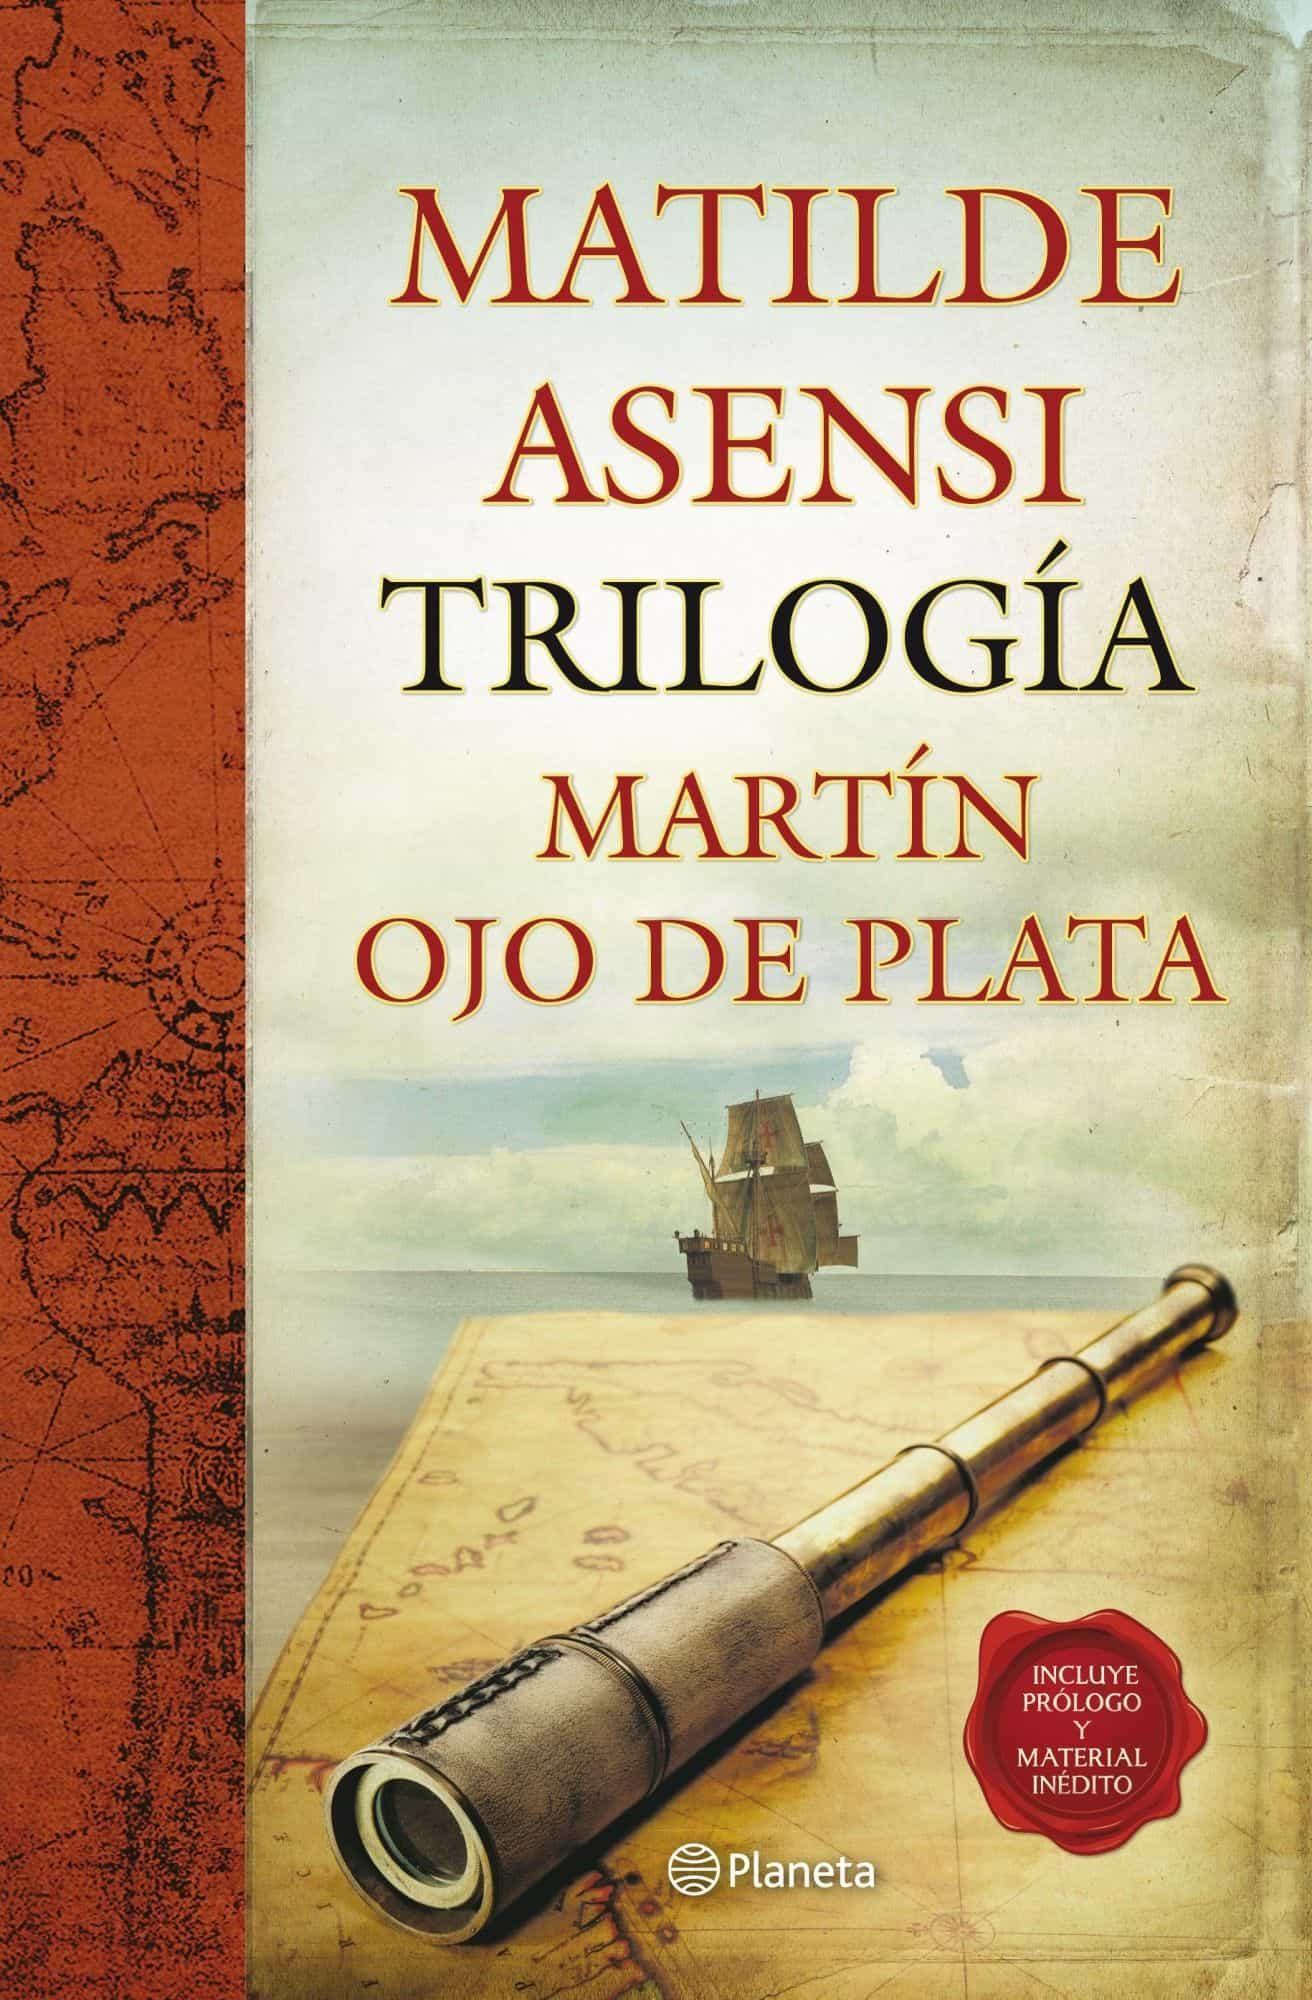 trilogia martin ojo de plata (incluye prologo y material inedito)-matilde asensi-9788408104384